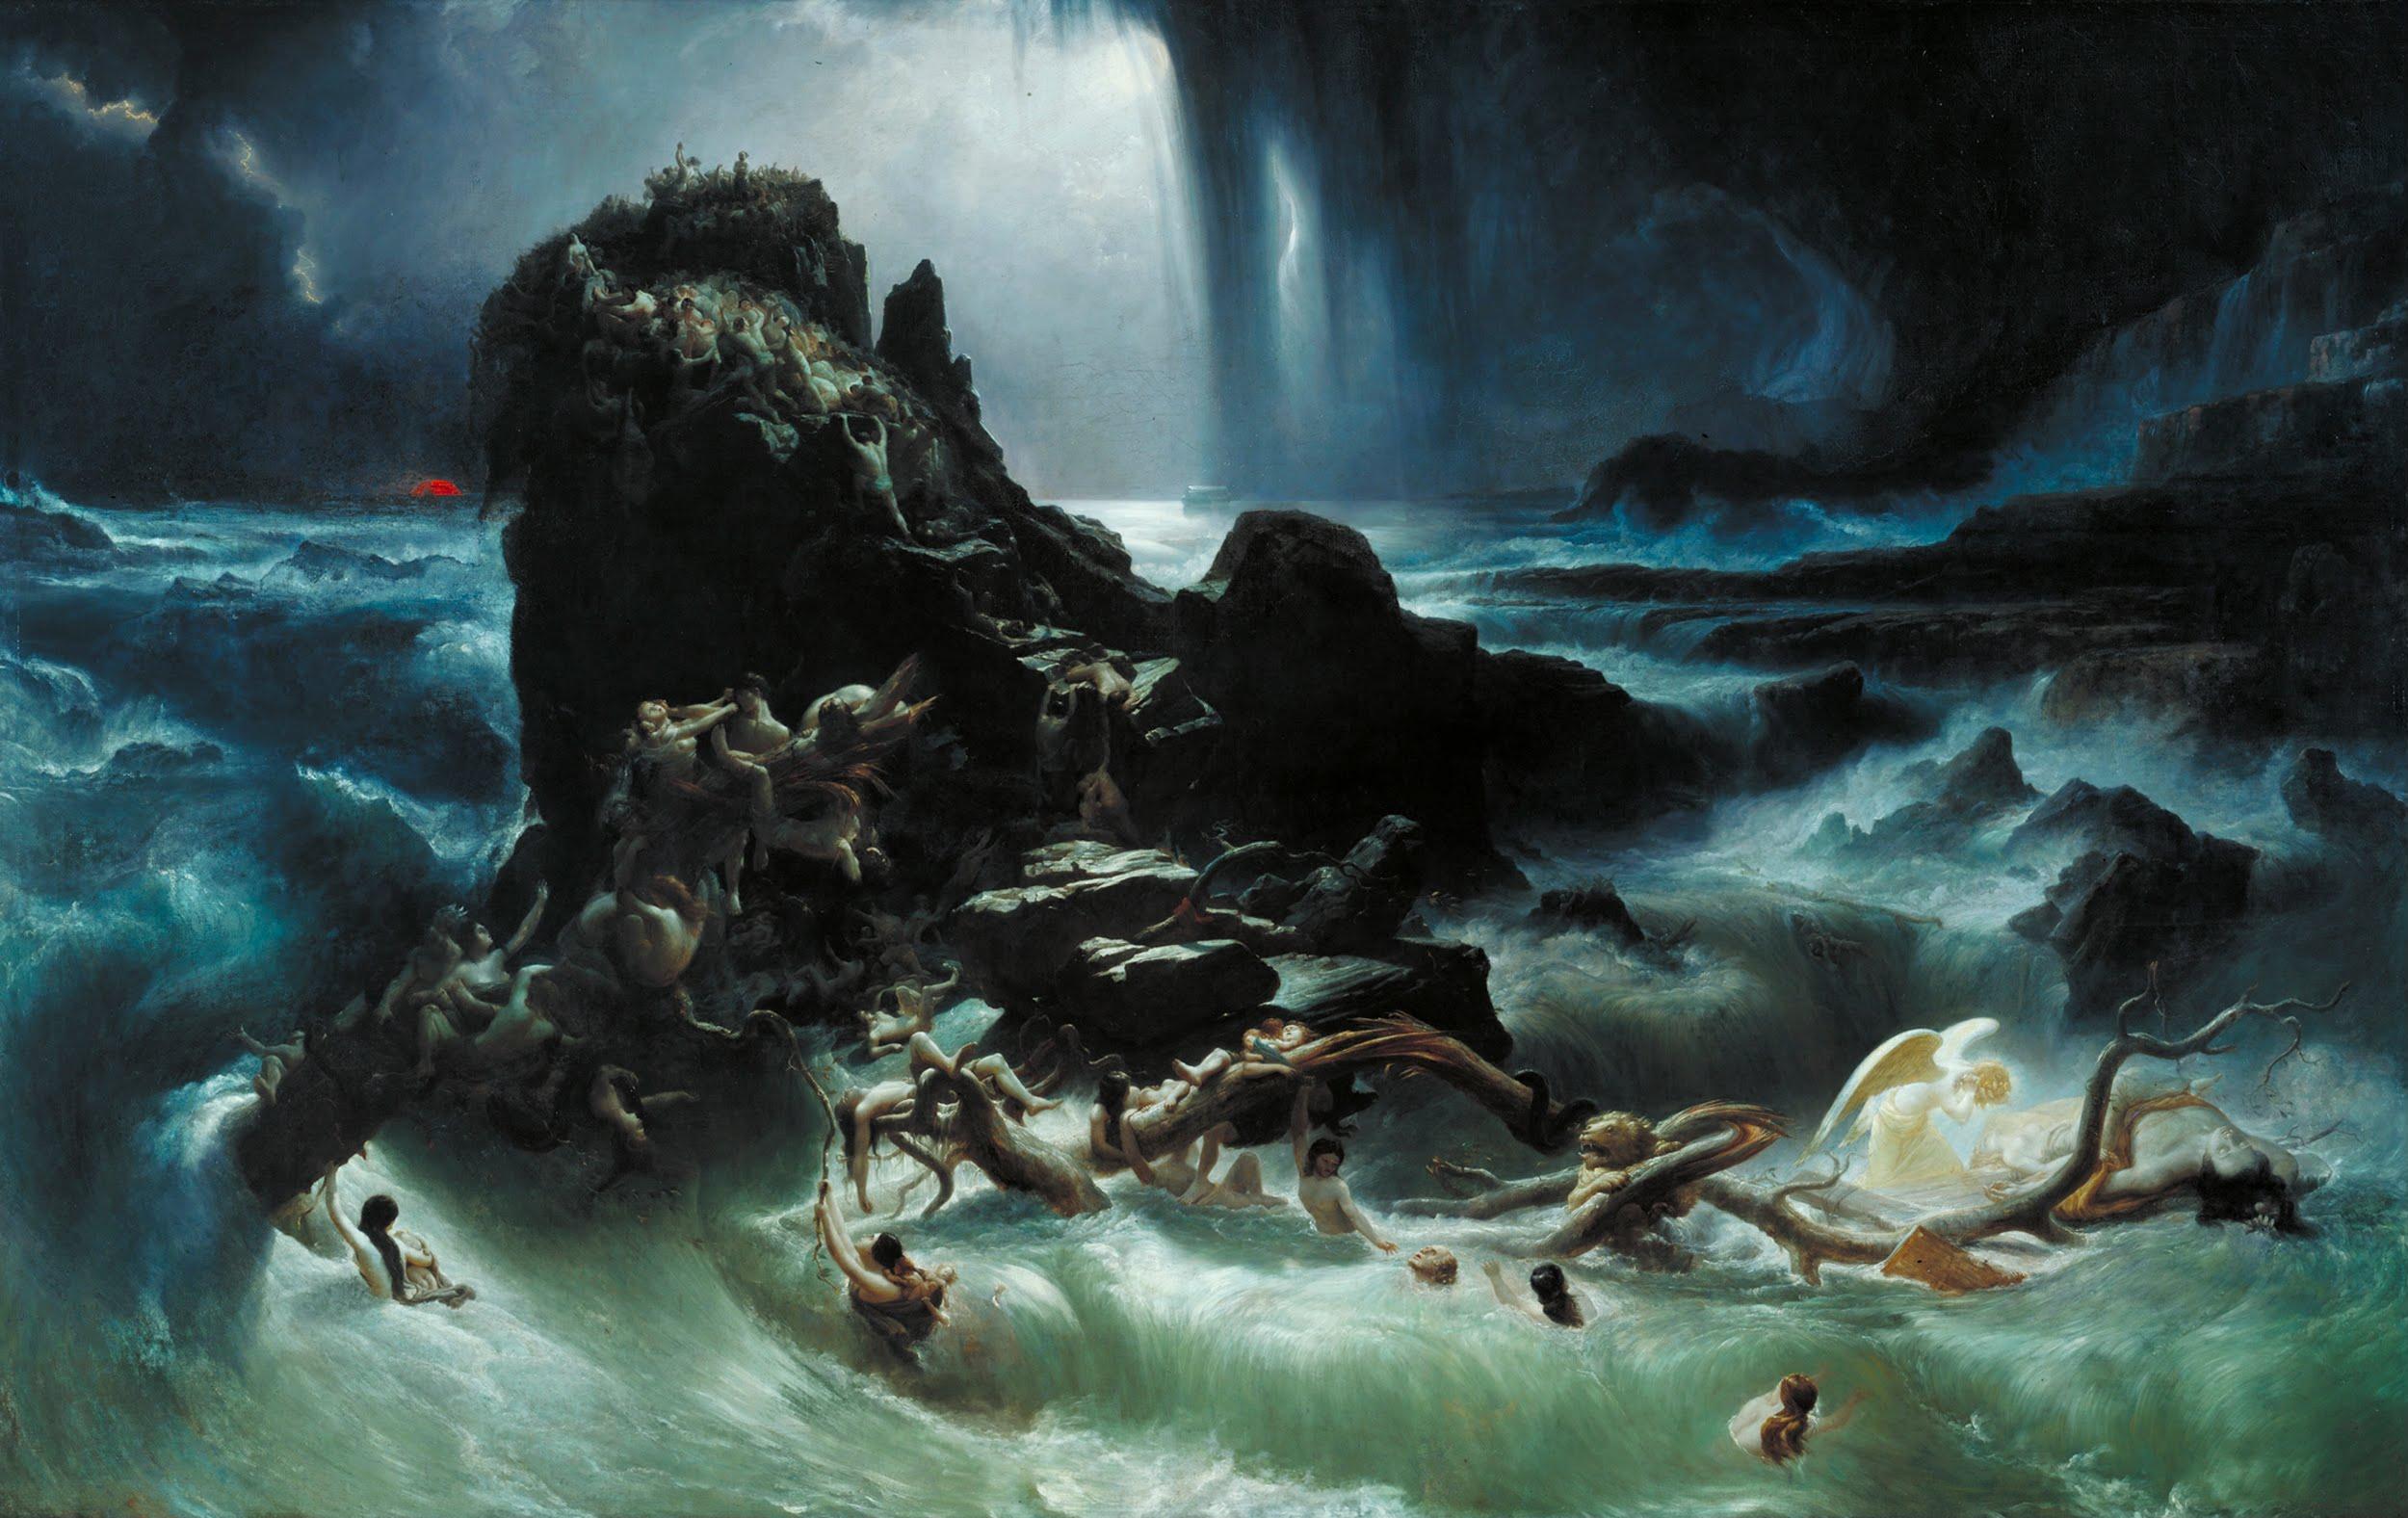 Потоп. Фрэнсис Дэнби, 1840